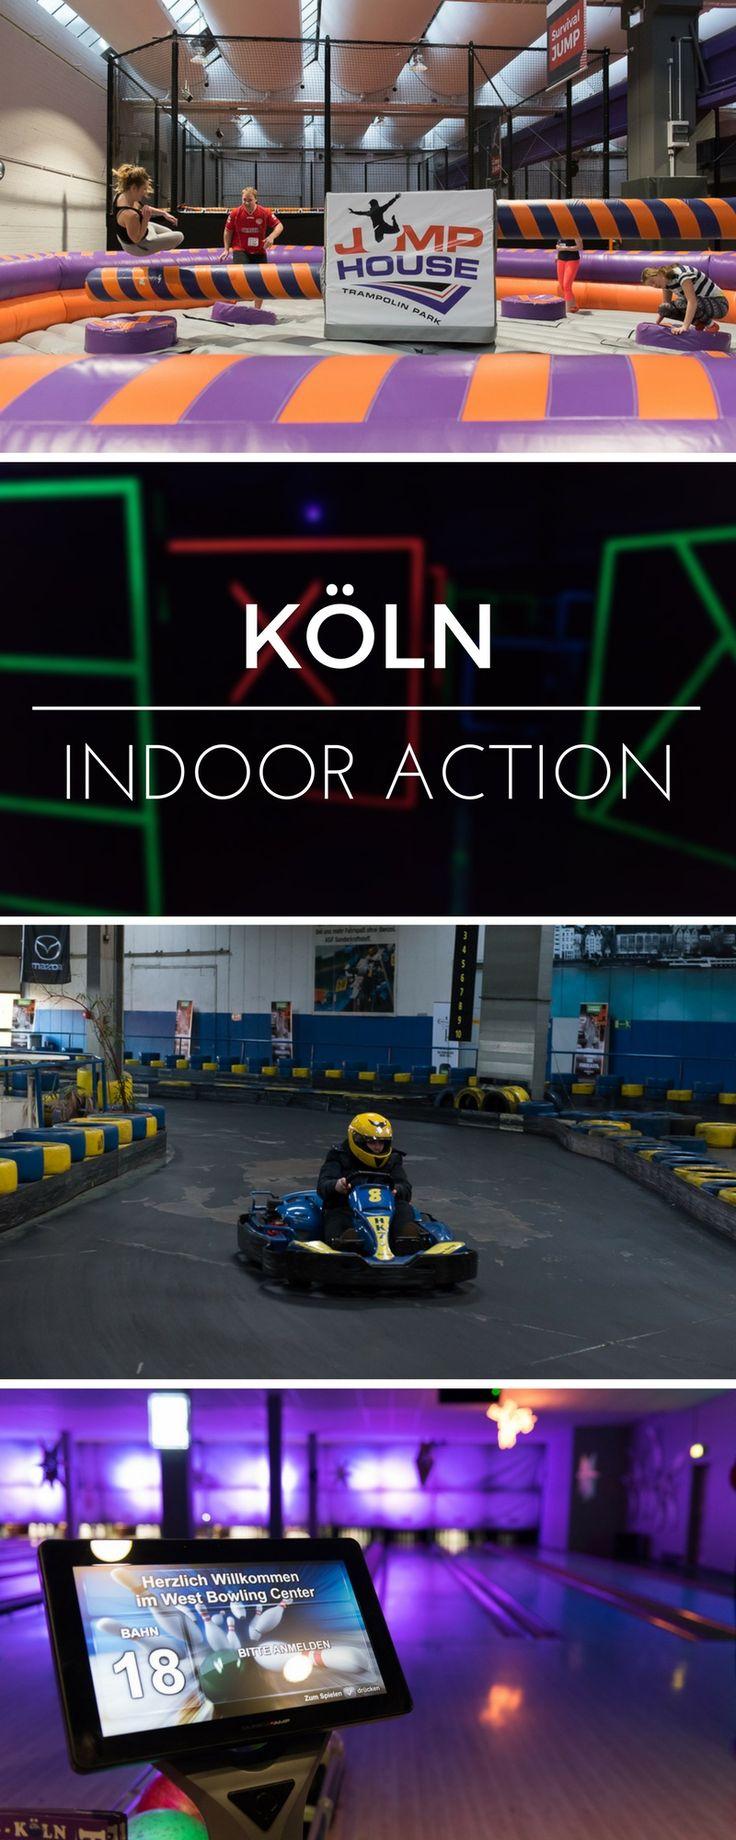 Die besten Tipps für coole Indoor Action in Köln! Ideen für Unternehmungen in Köln wenn es mal wieder regnet.